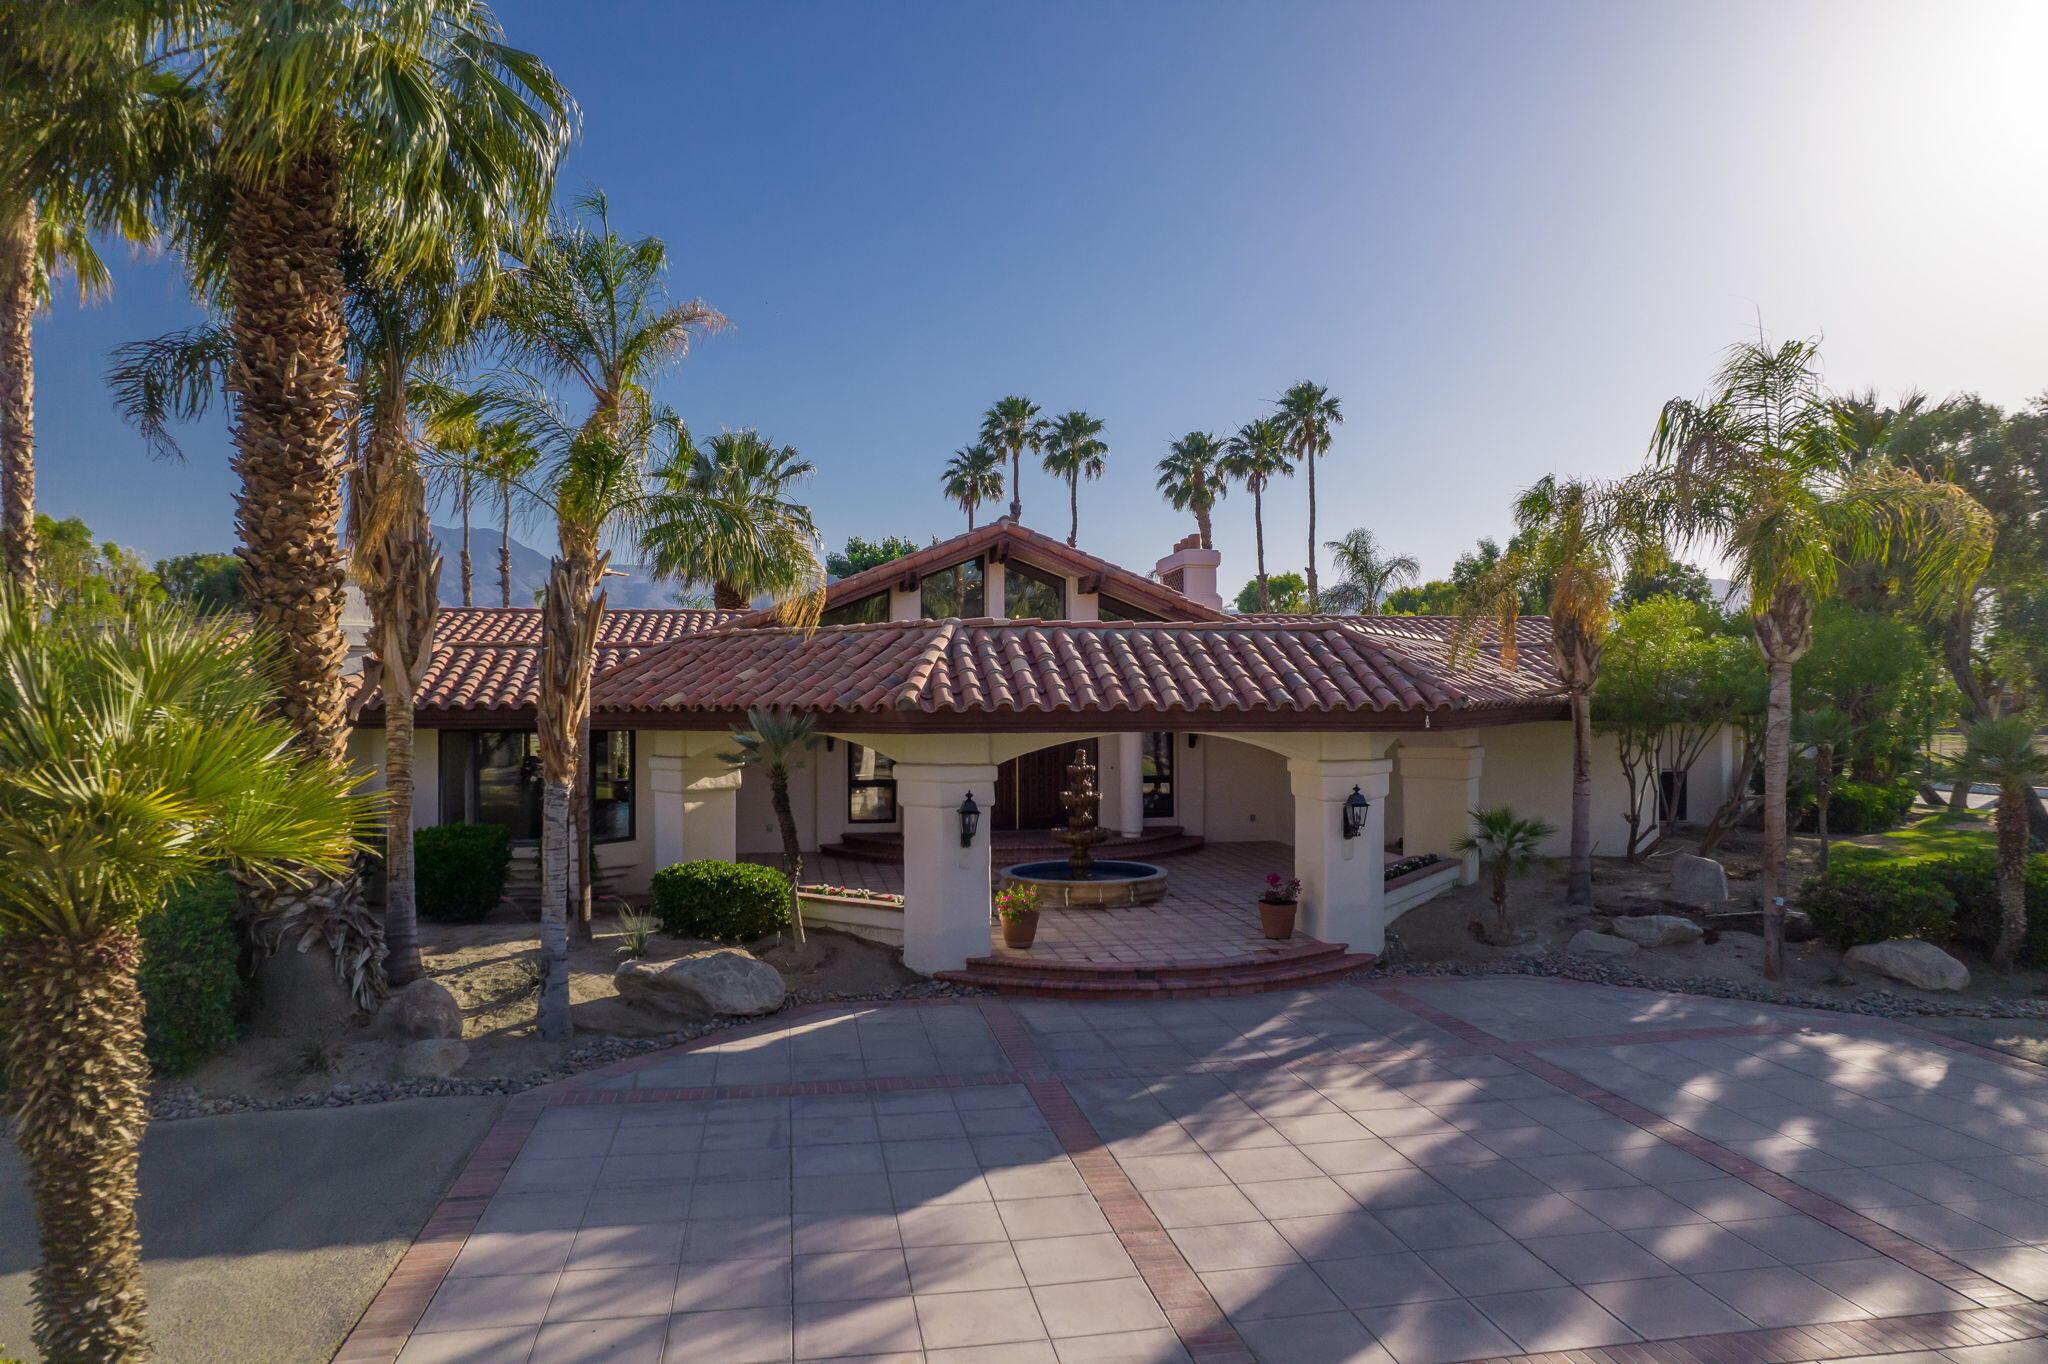 Photo of 50-555 Vista Montana, La Quinta, CA 92253